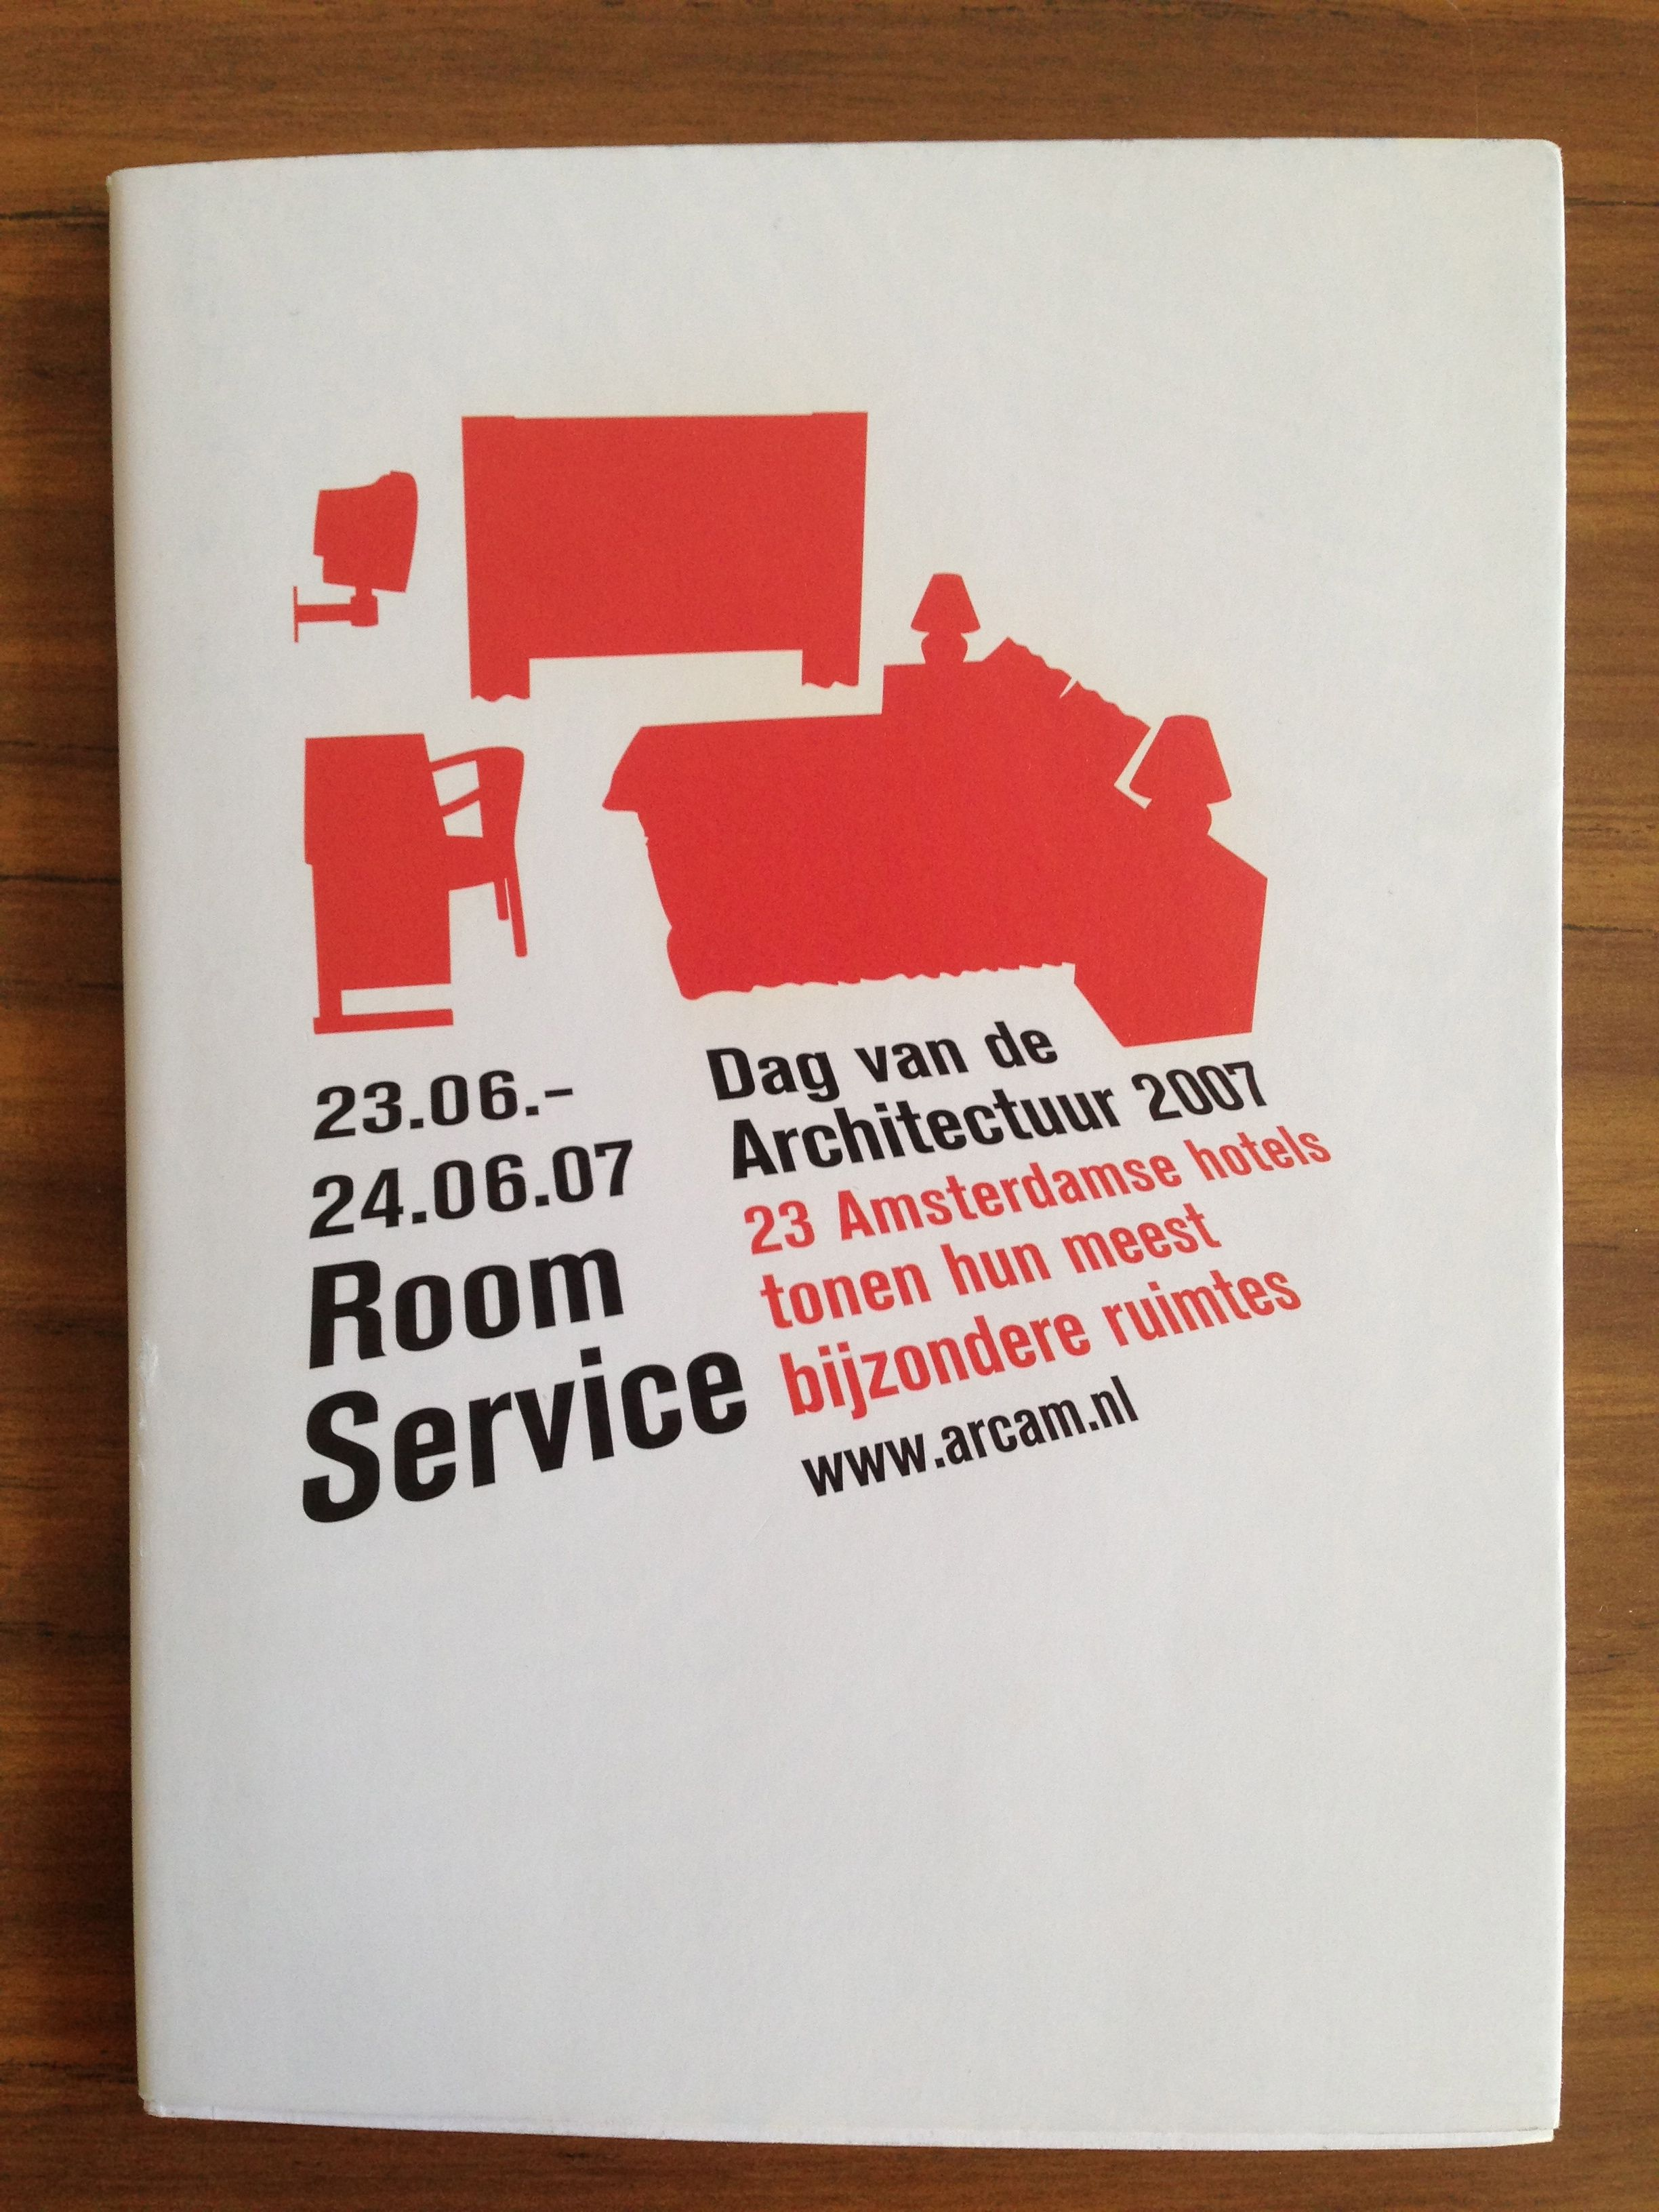 Boekje bij evenement 'Room Service': openstelling van 23 Amsterdamse hotels voor publiek. Het boekje bevat o.a. een tekst over trends in hotelarchitectuur (2007)